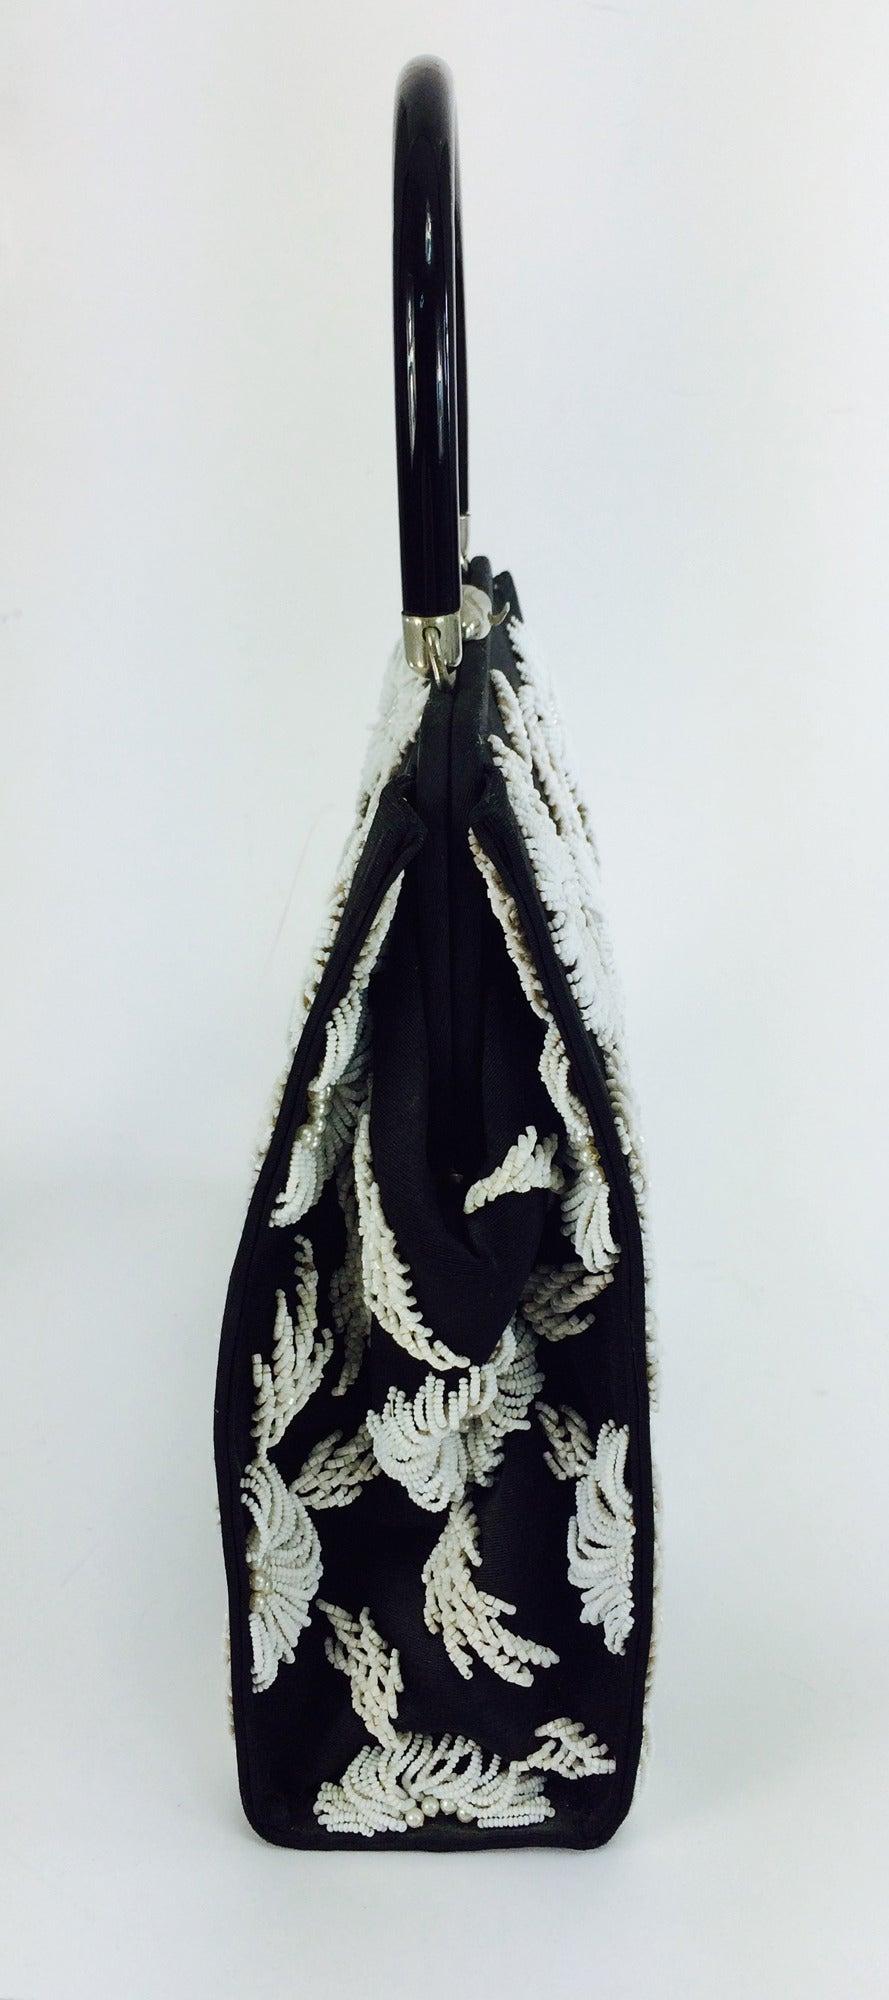 1950s black faille & white floral beaded handbag Elise Tu Hong Kong 3